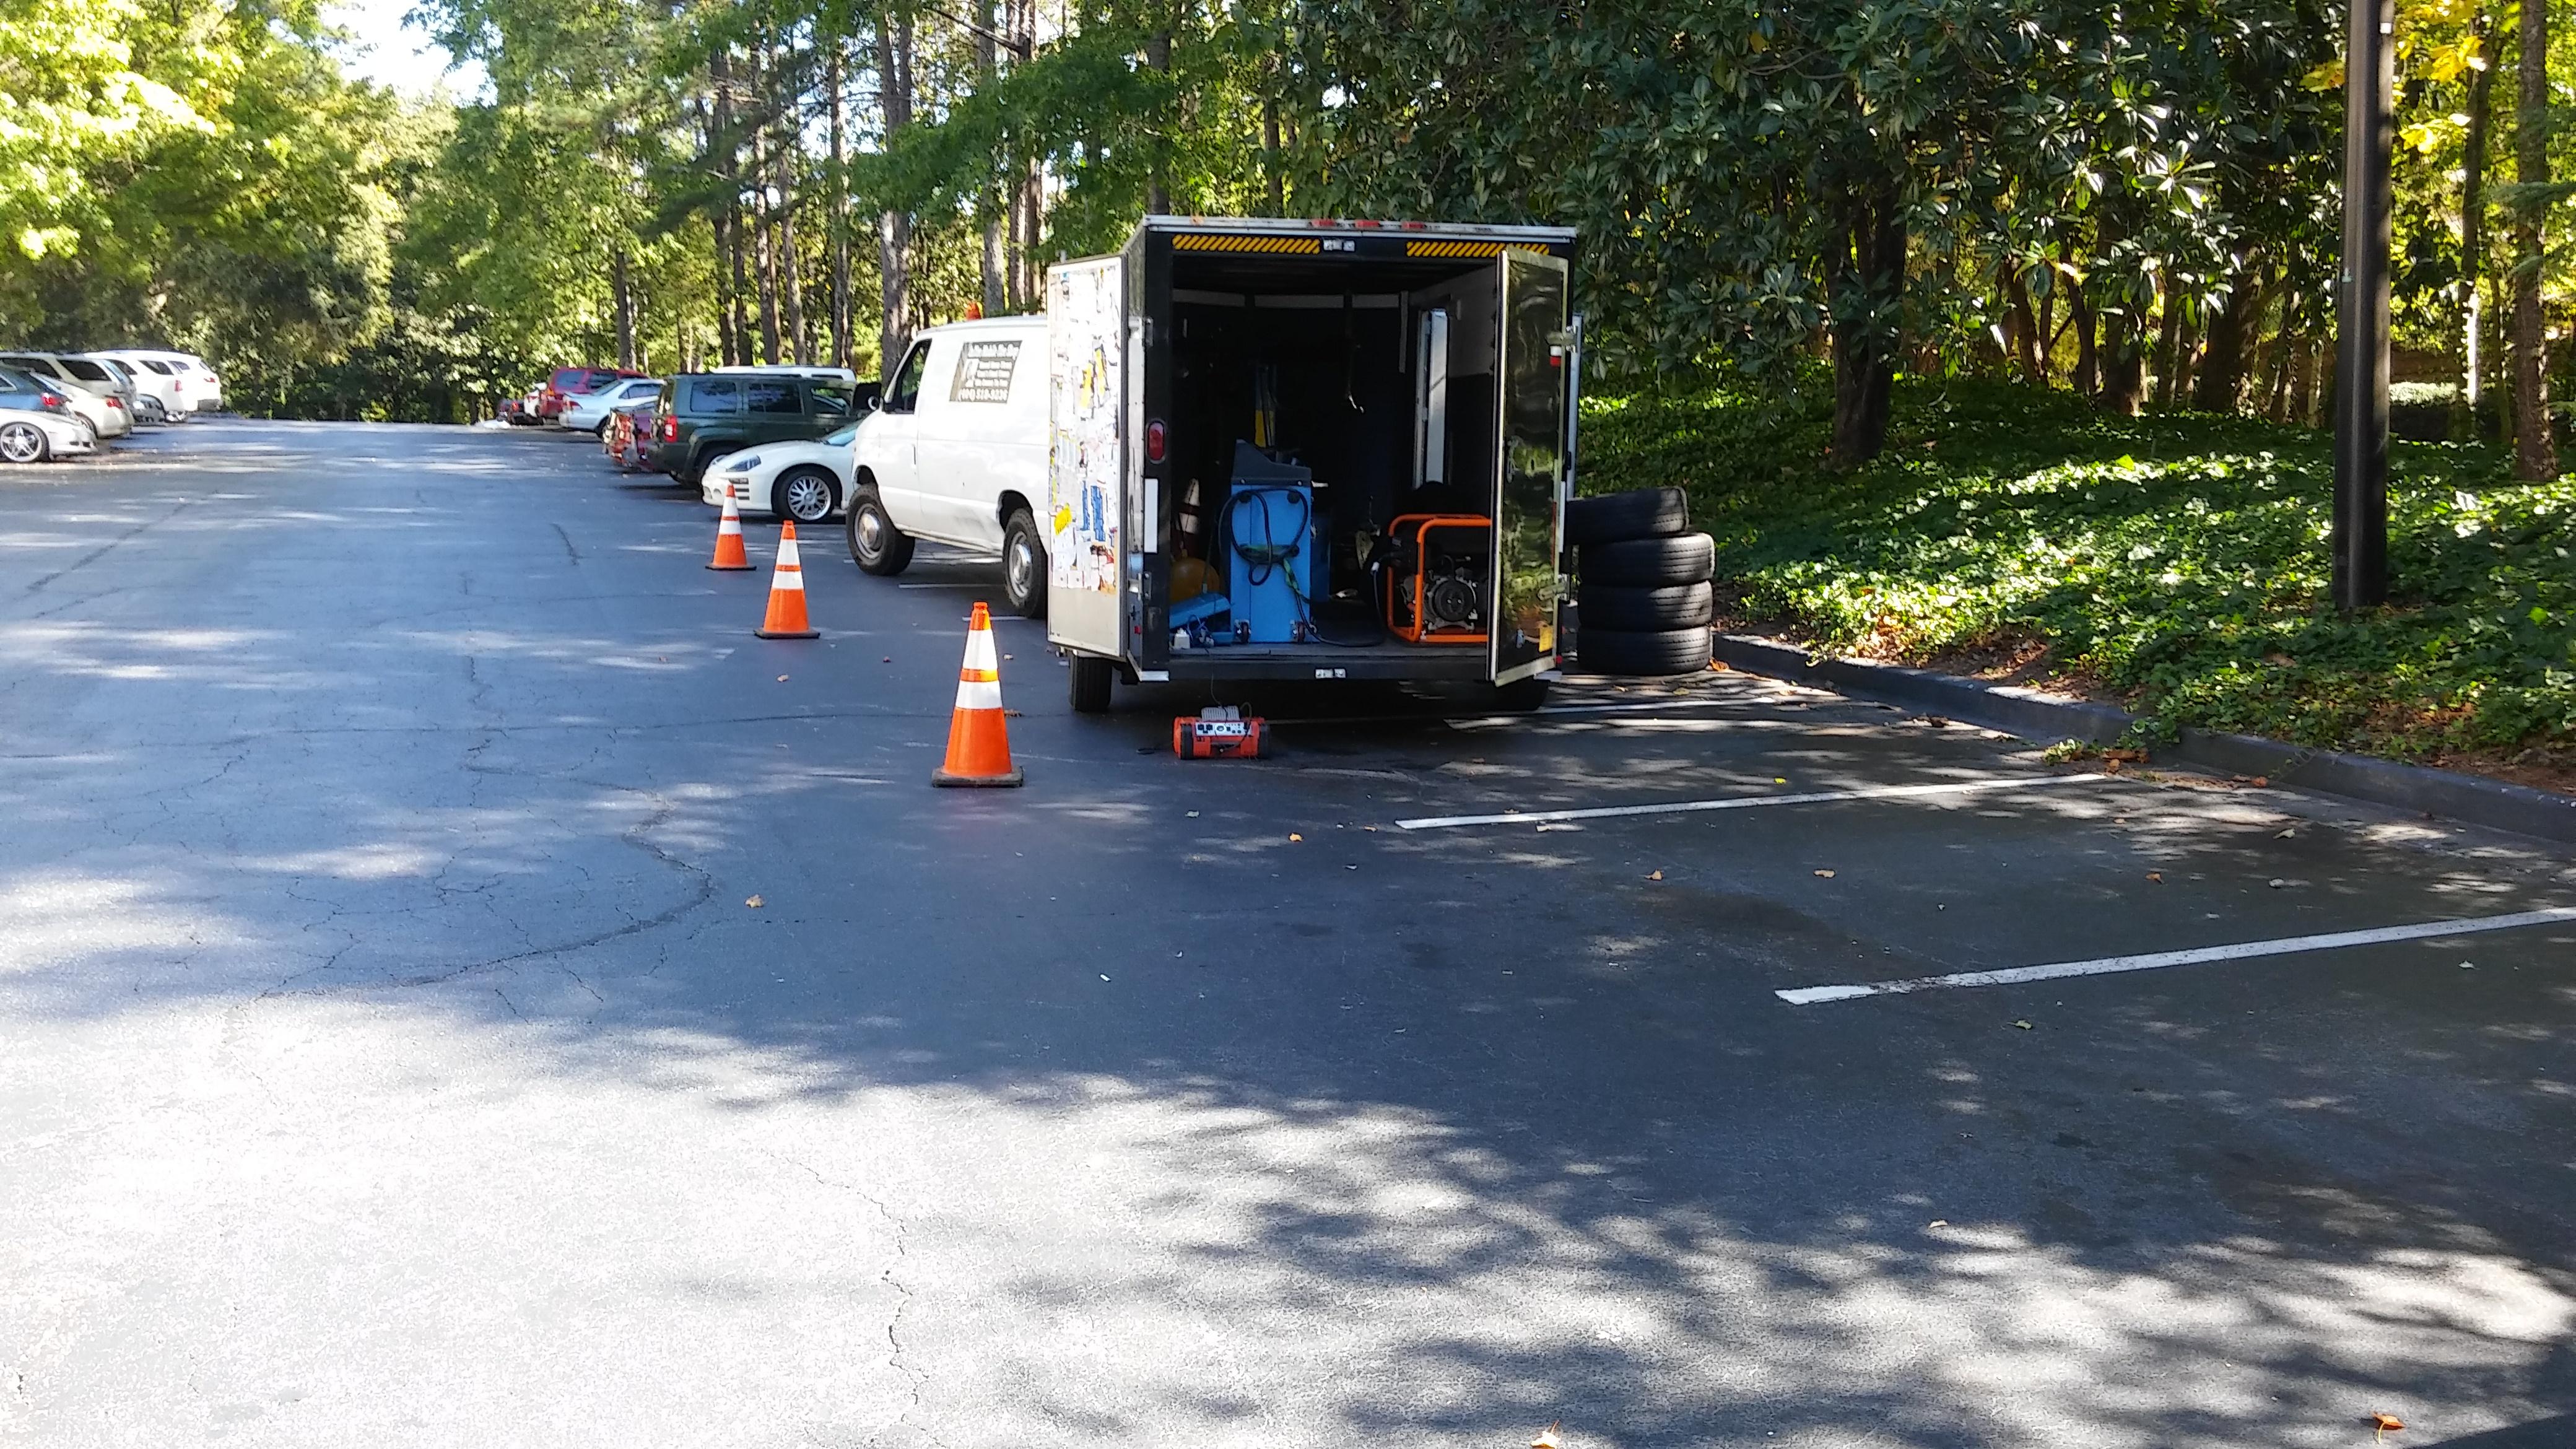 tires sales, service and repair